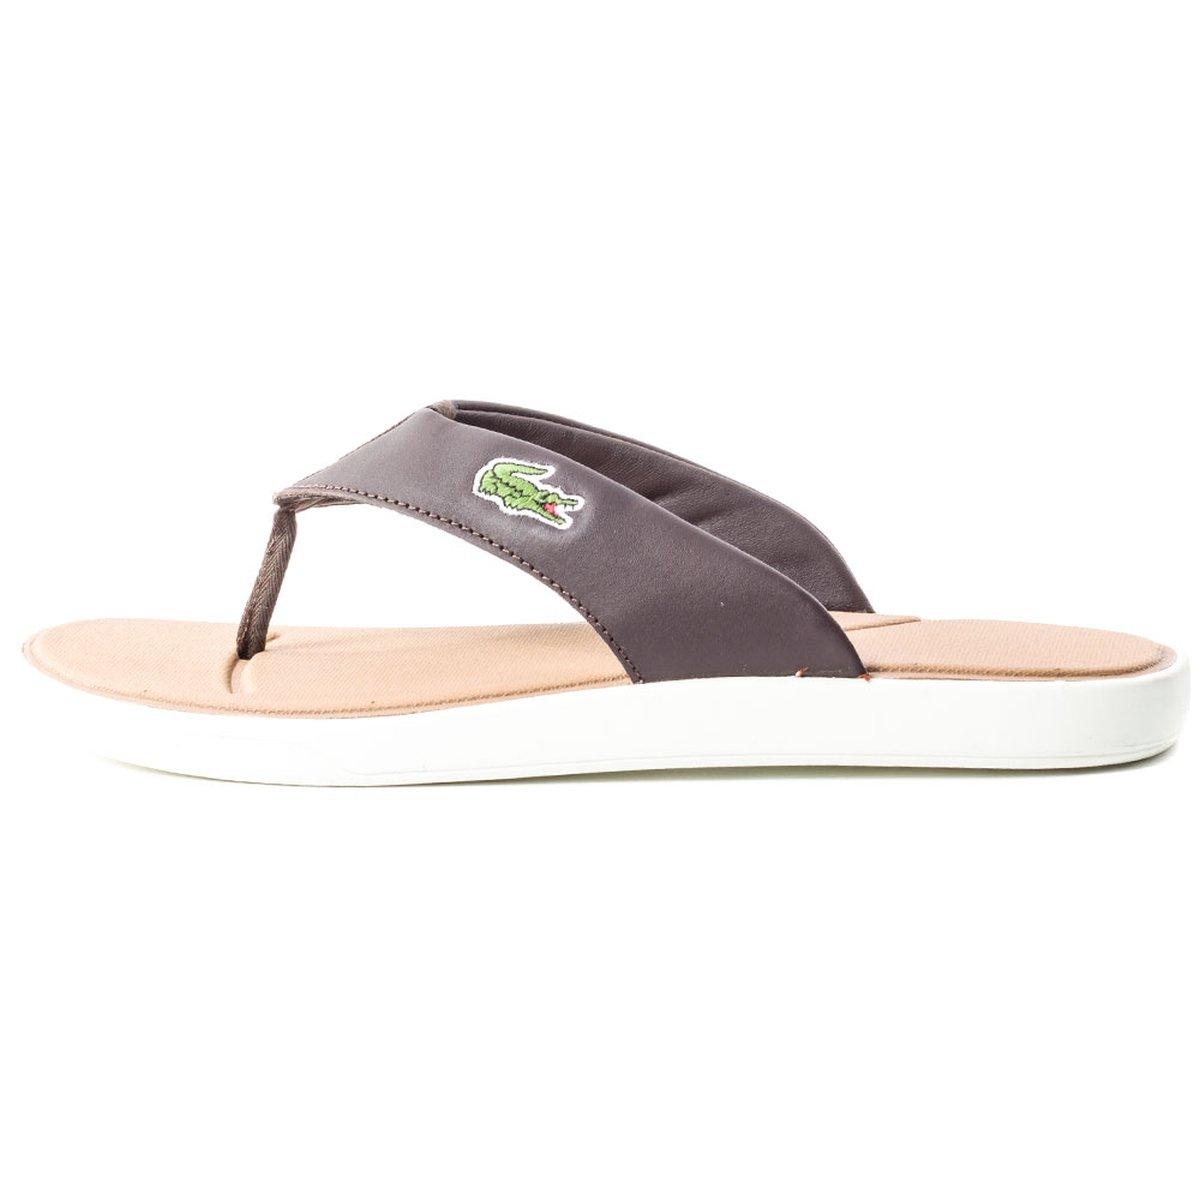 a8f1eaa320 Lacoste Homme L.30 116 2 SPM Flip Flops, Marron, 39.5: Amazon.fr:  Chaussures et Sacs